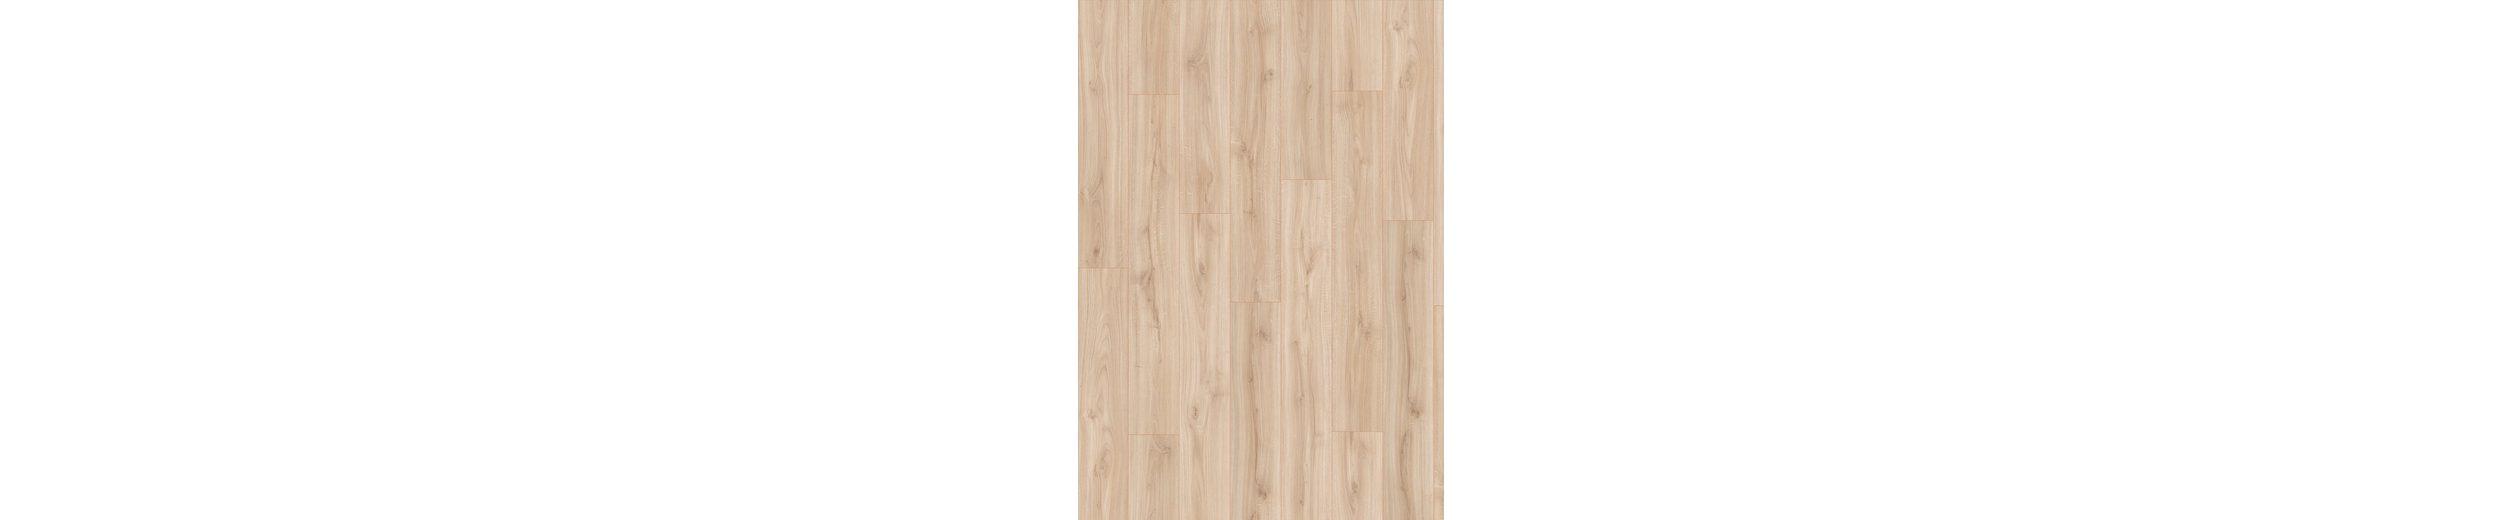 Sockelleisten passend zum Korkpluslaminat »Megafloor cork+«, allee weiß Nachbildung